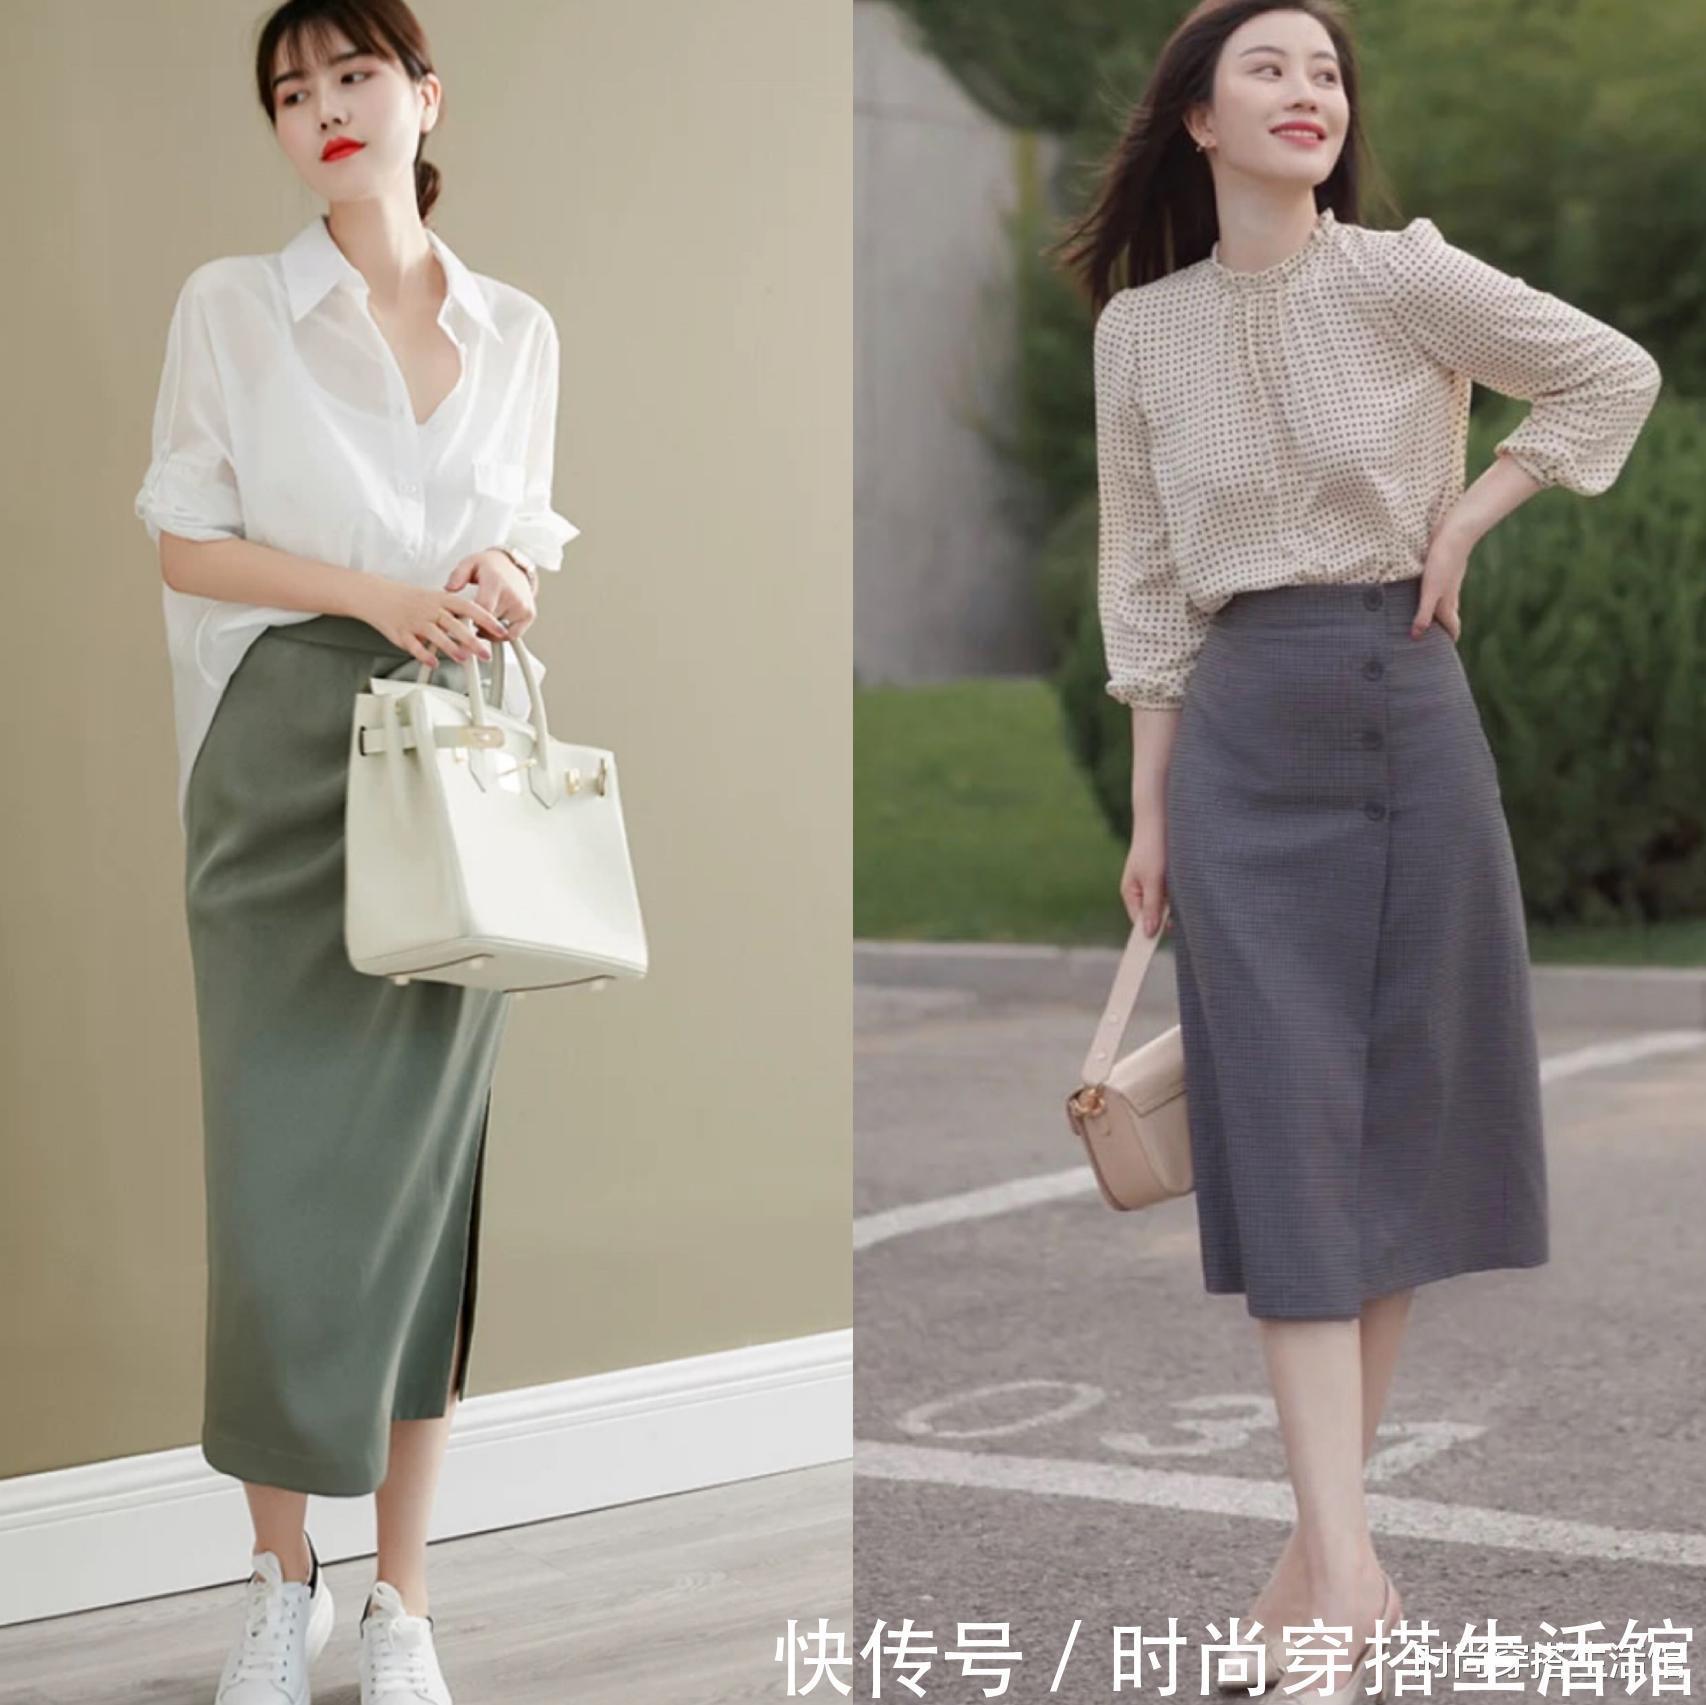 """身材比例 30、40岁女人,穿衬衫要懂得""""四穿四不穿"""",时髦减龄又有女人味"""